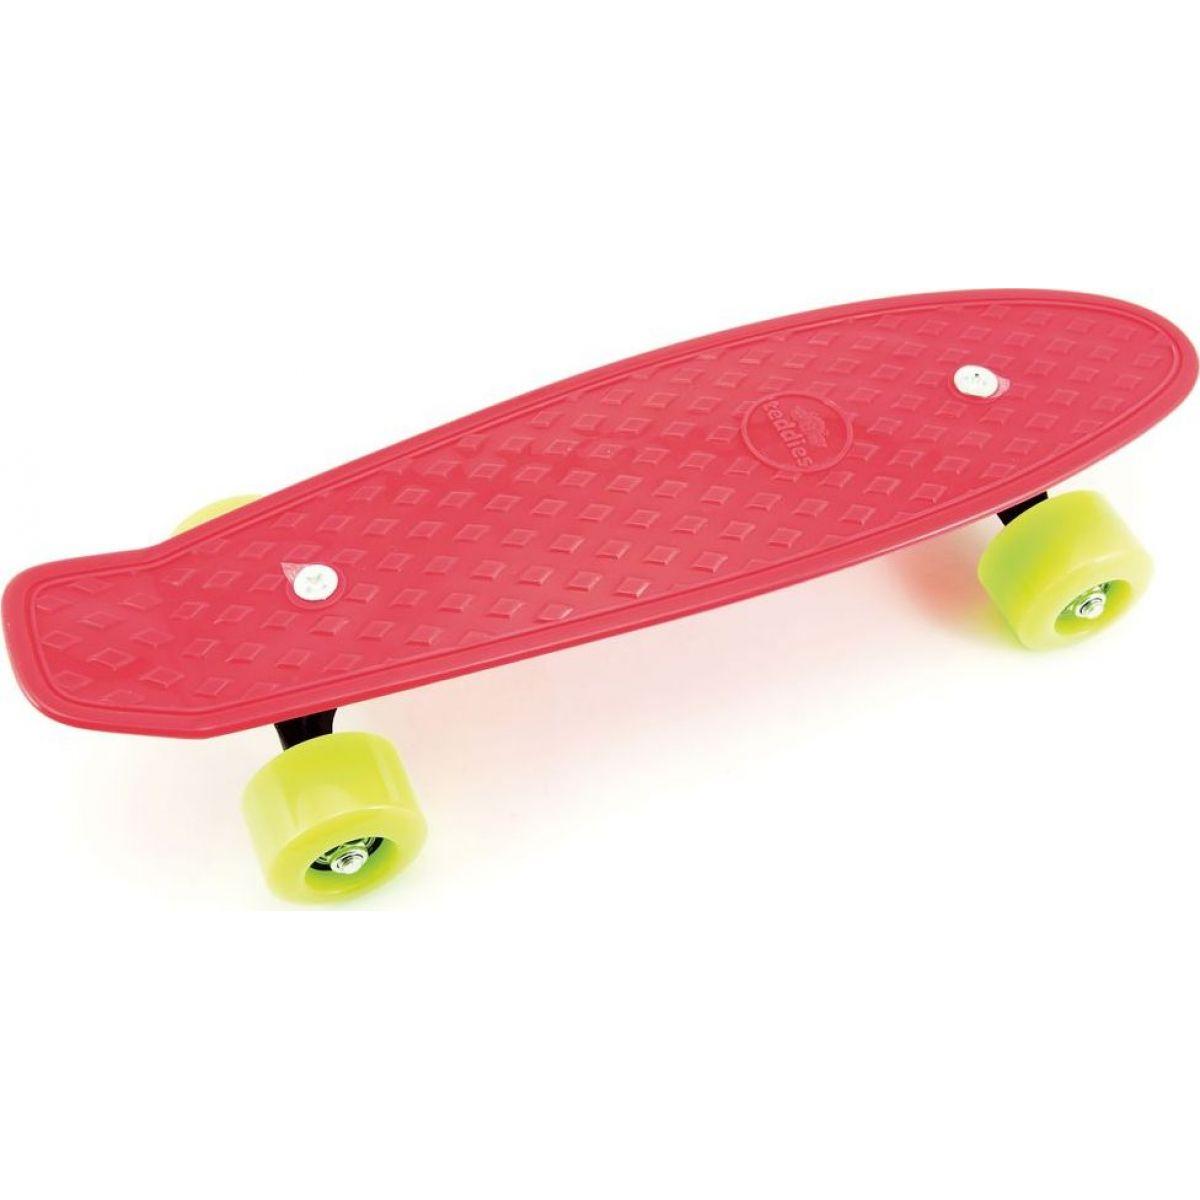 Skateboard pennyboard 43 cm červený